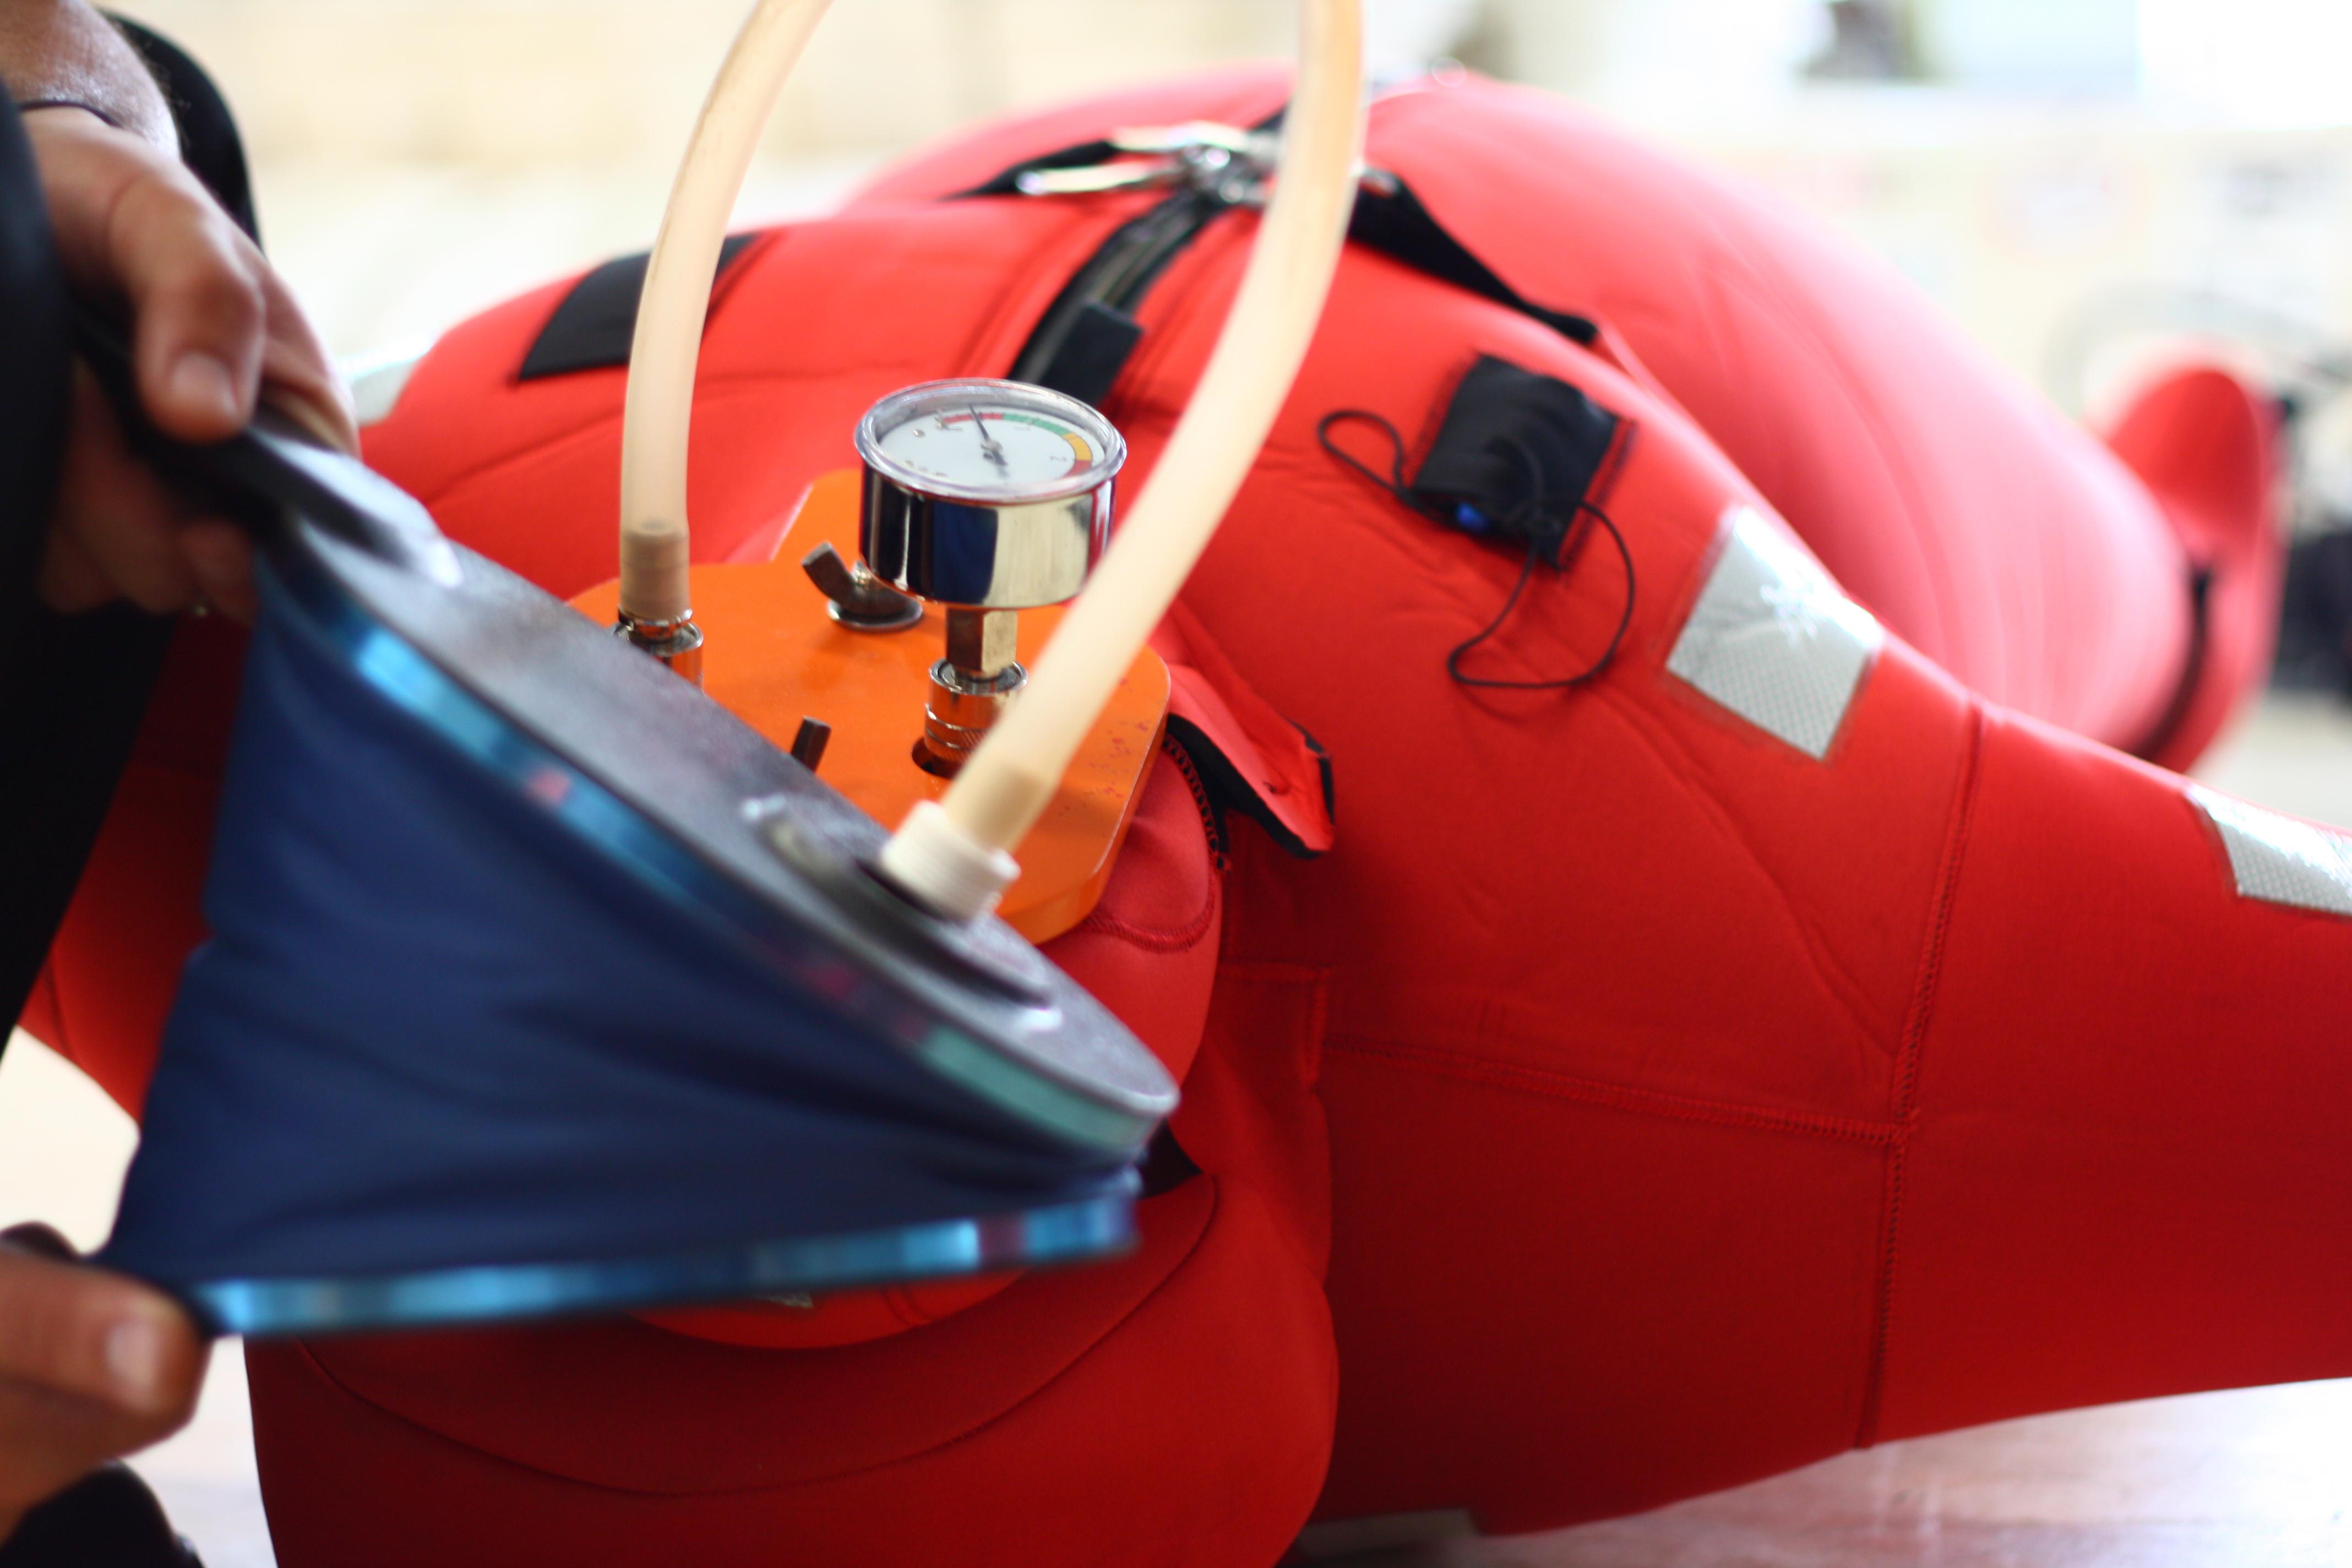 บริการตรวจสอบ เสื้อชูชีพ และชุดป้องกันอุณหภูมิ,Inspection of Lifejacket & Immersion Suit,แพชูชีพ, ZODIAC,แพชูชีพ throw over,แพชูชีพ davit launched,ซ่อมแพชูชีพ,เสื้อชูชีพ,liferafts,การป้องกันอัคคีภัย